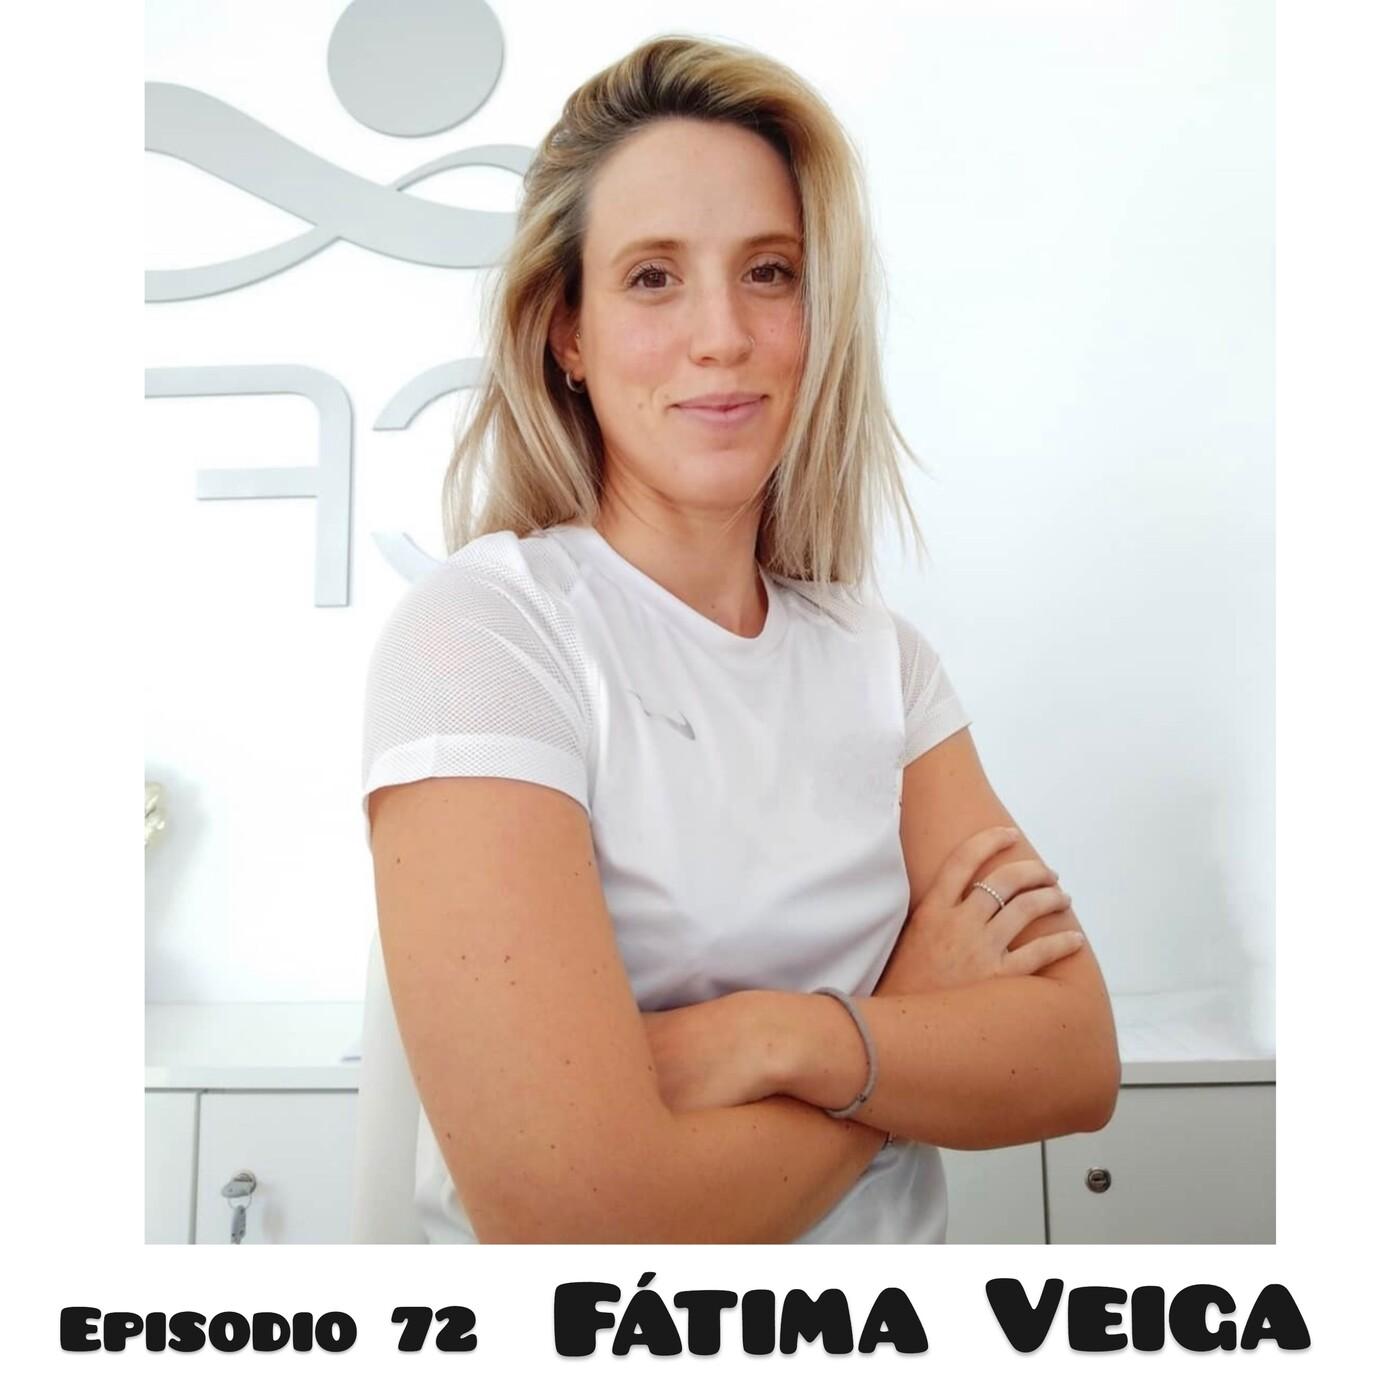 Fatima Veiga // La sexualidad también es parte de la salud